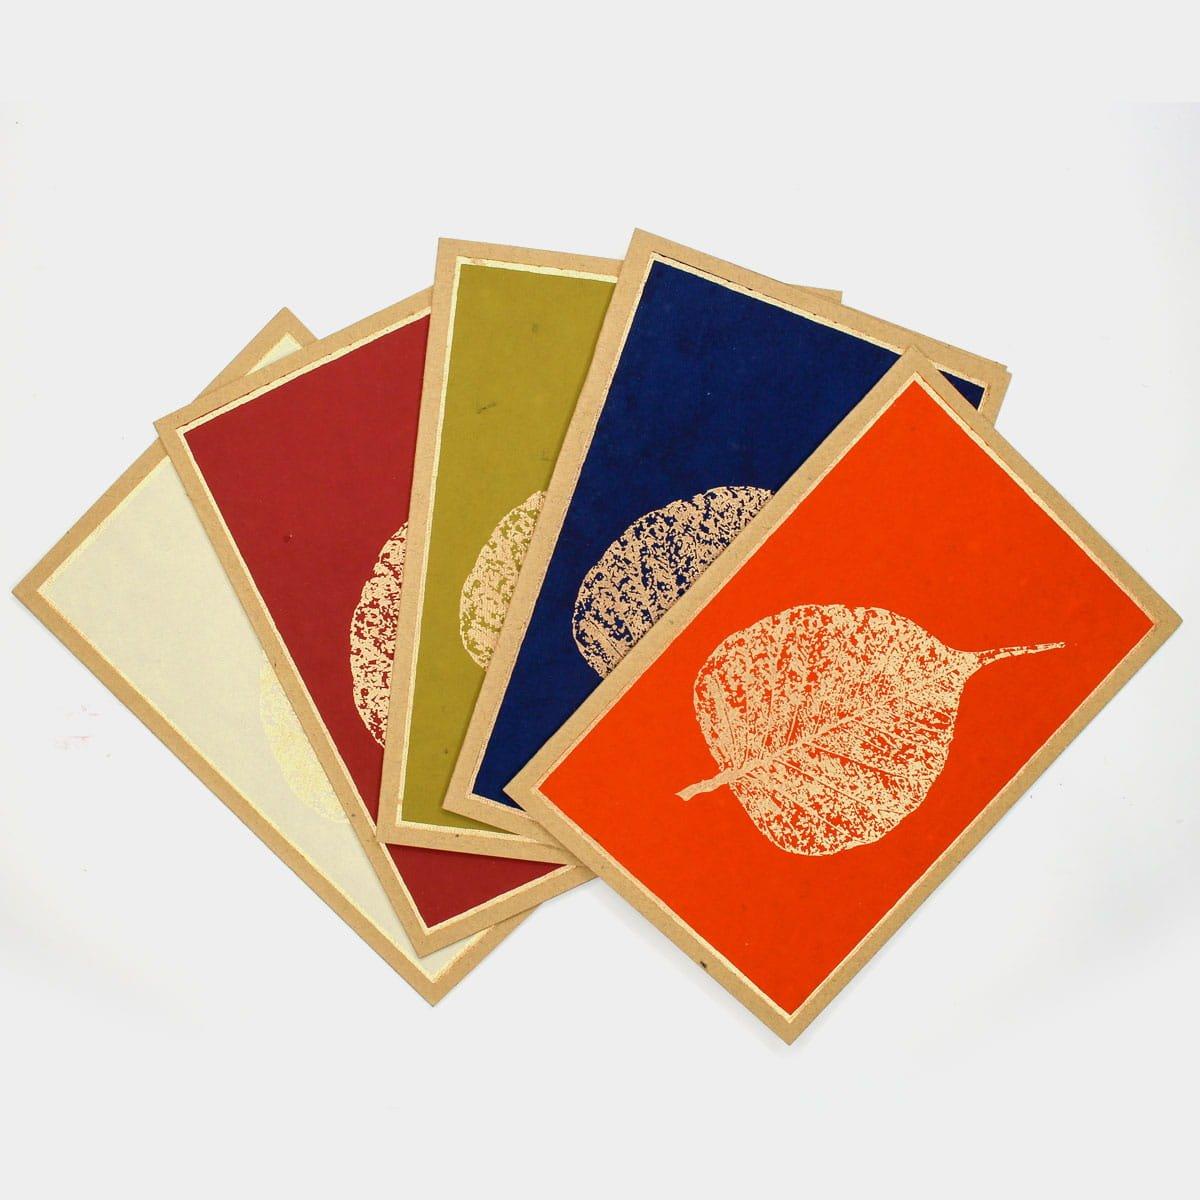 菩提葉脈手工燙金卡片(一組五入)  2